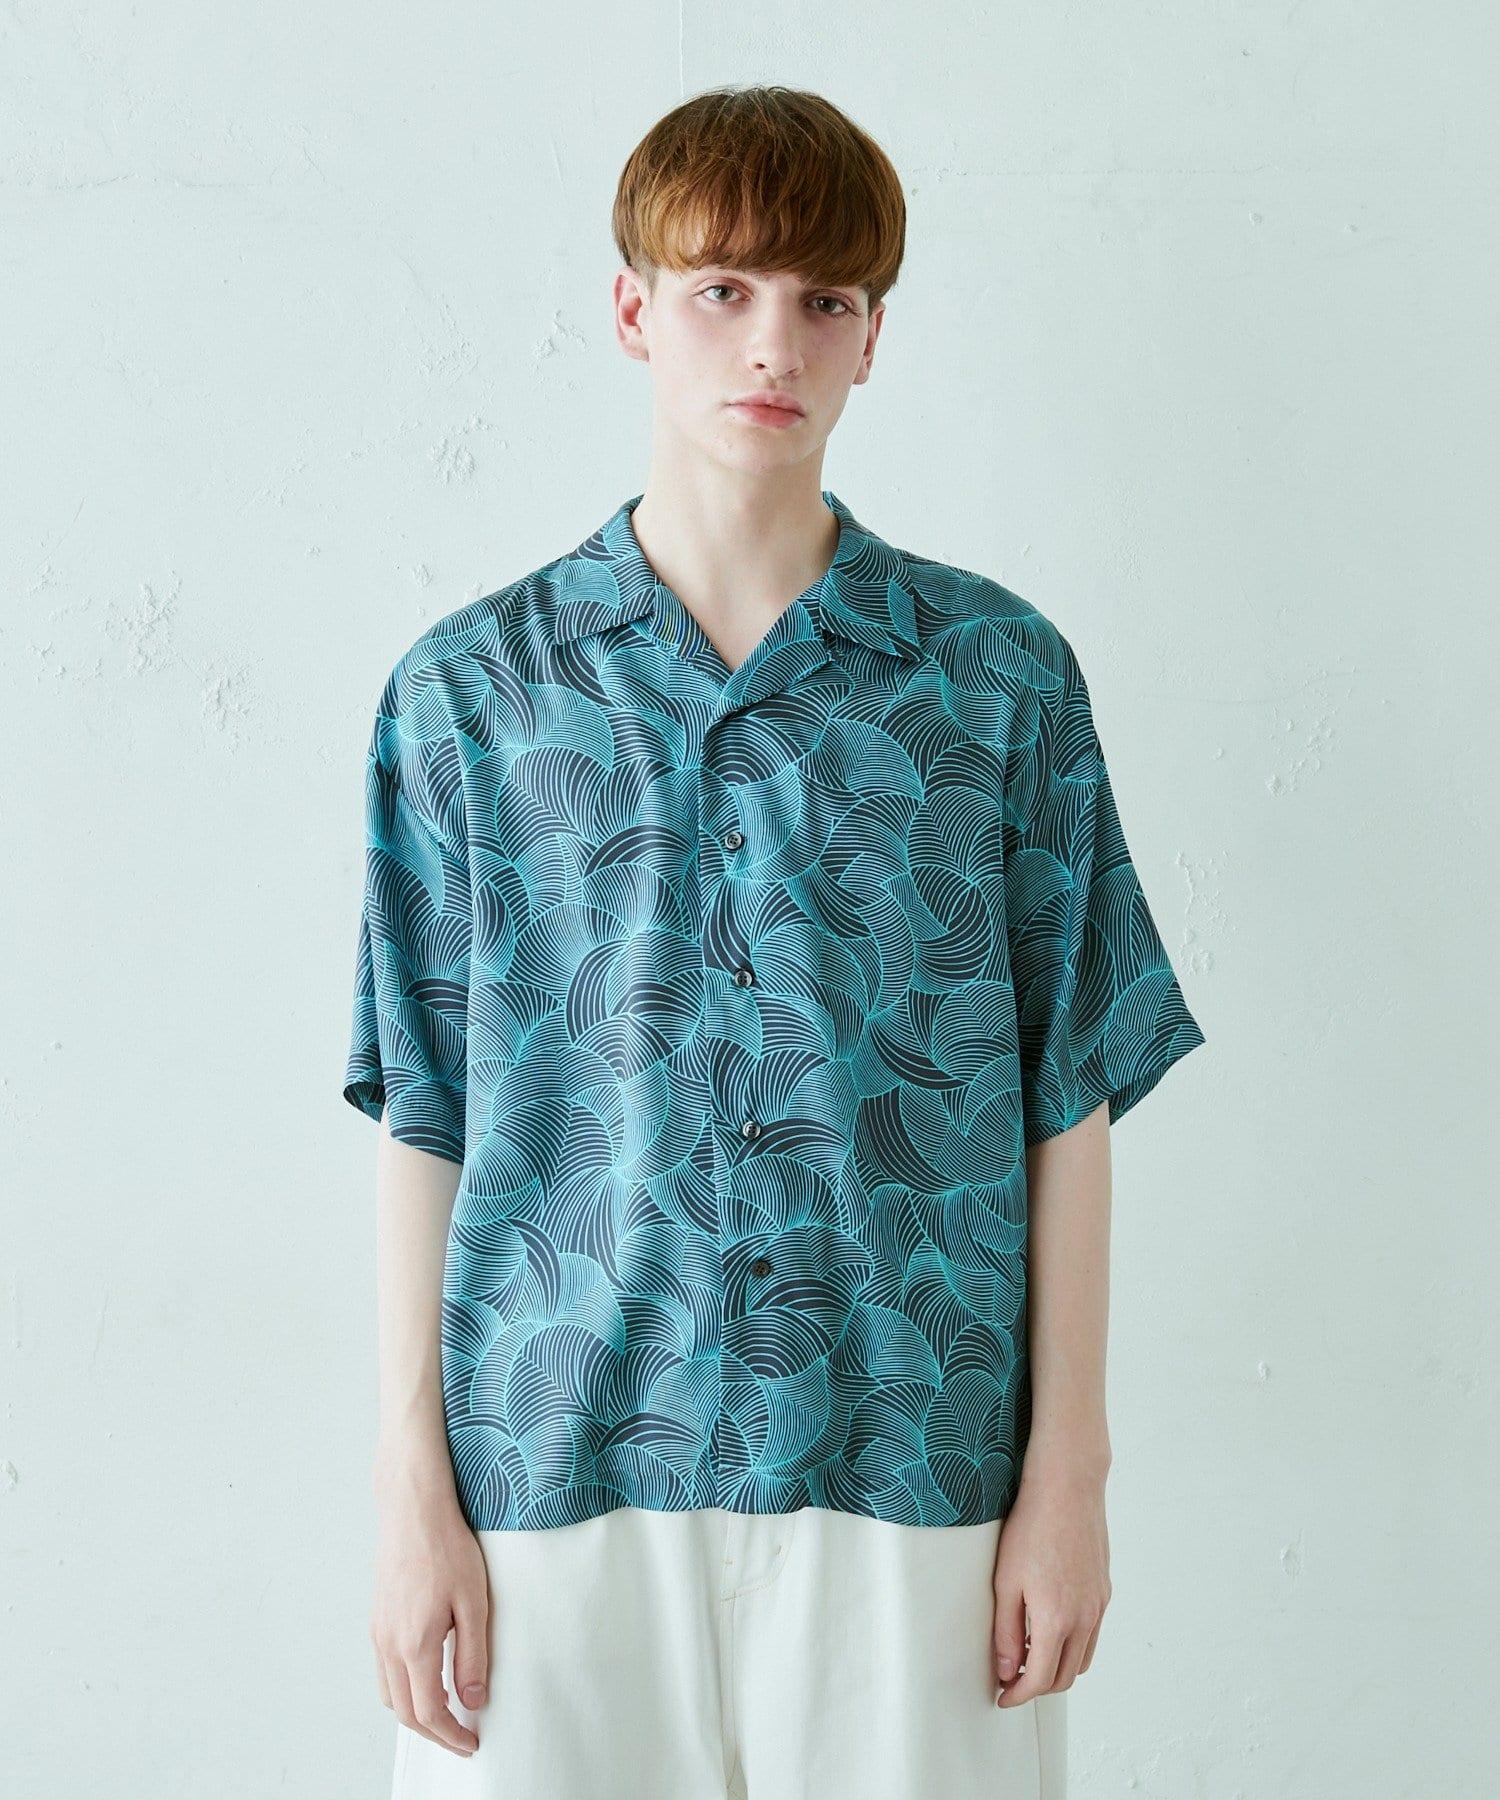 Lui's(ルイス) オリジナルイチョウ柄オープンカラーシャツ